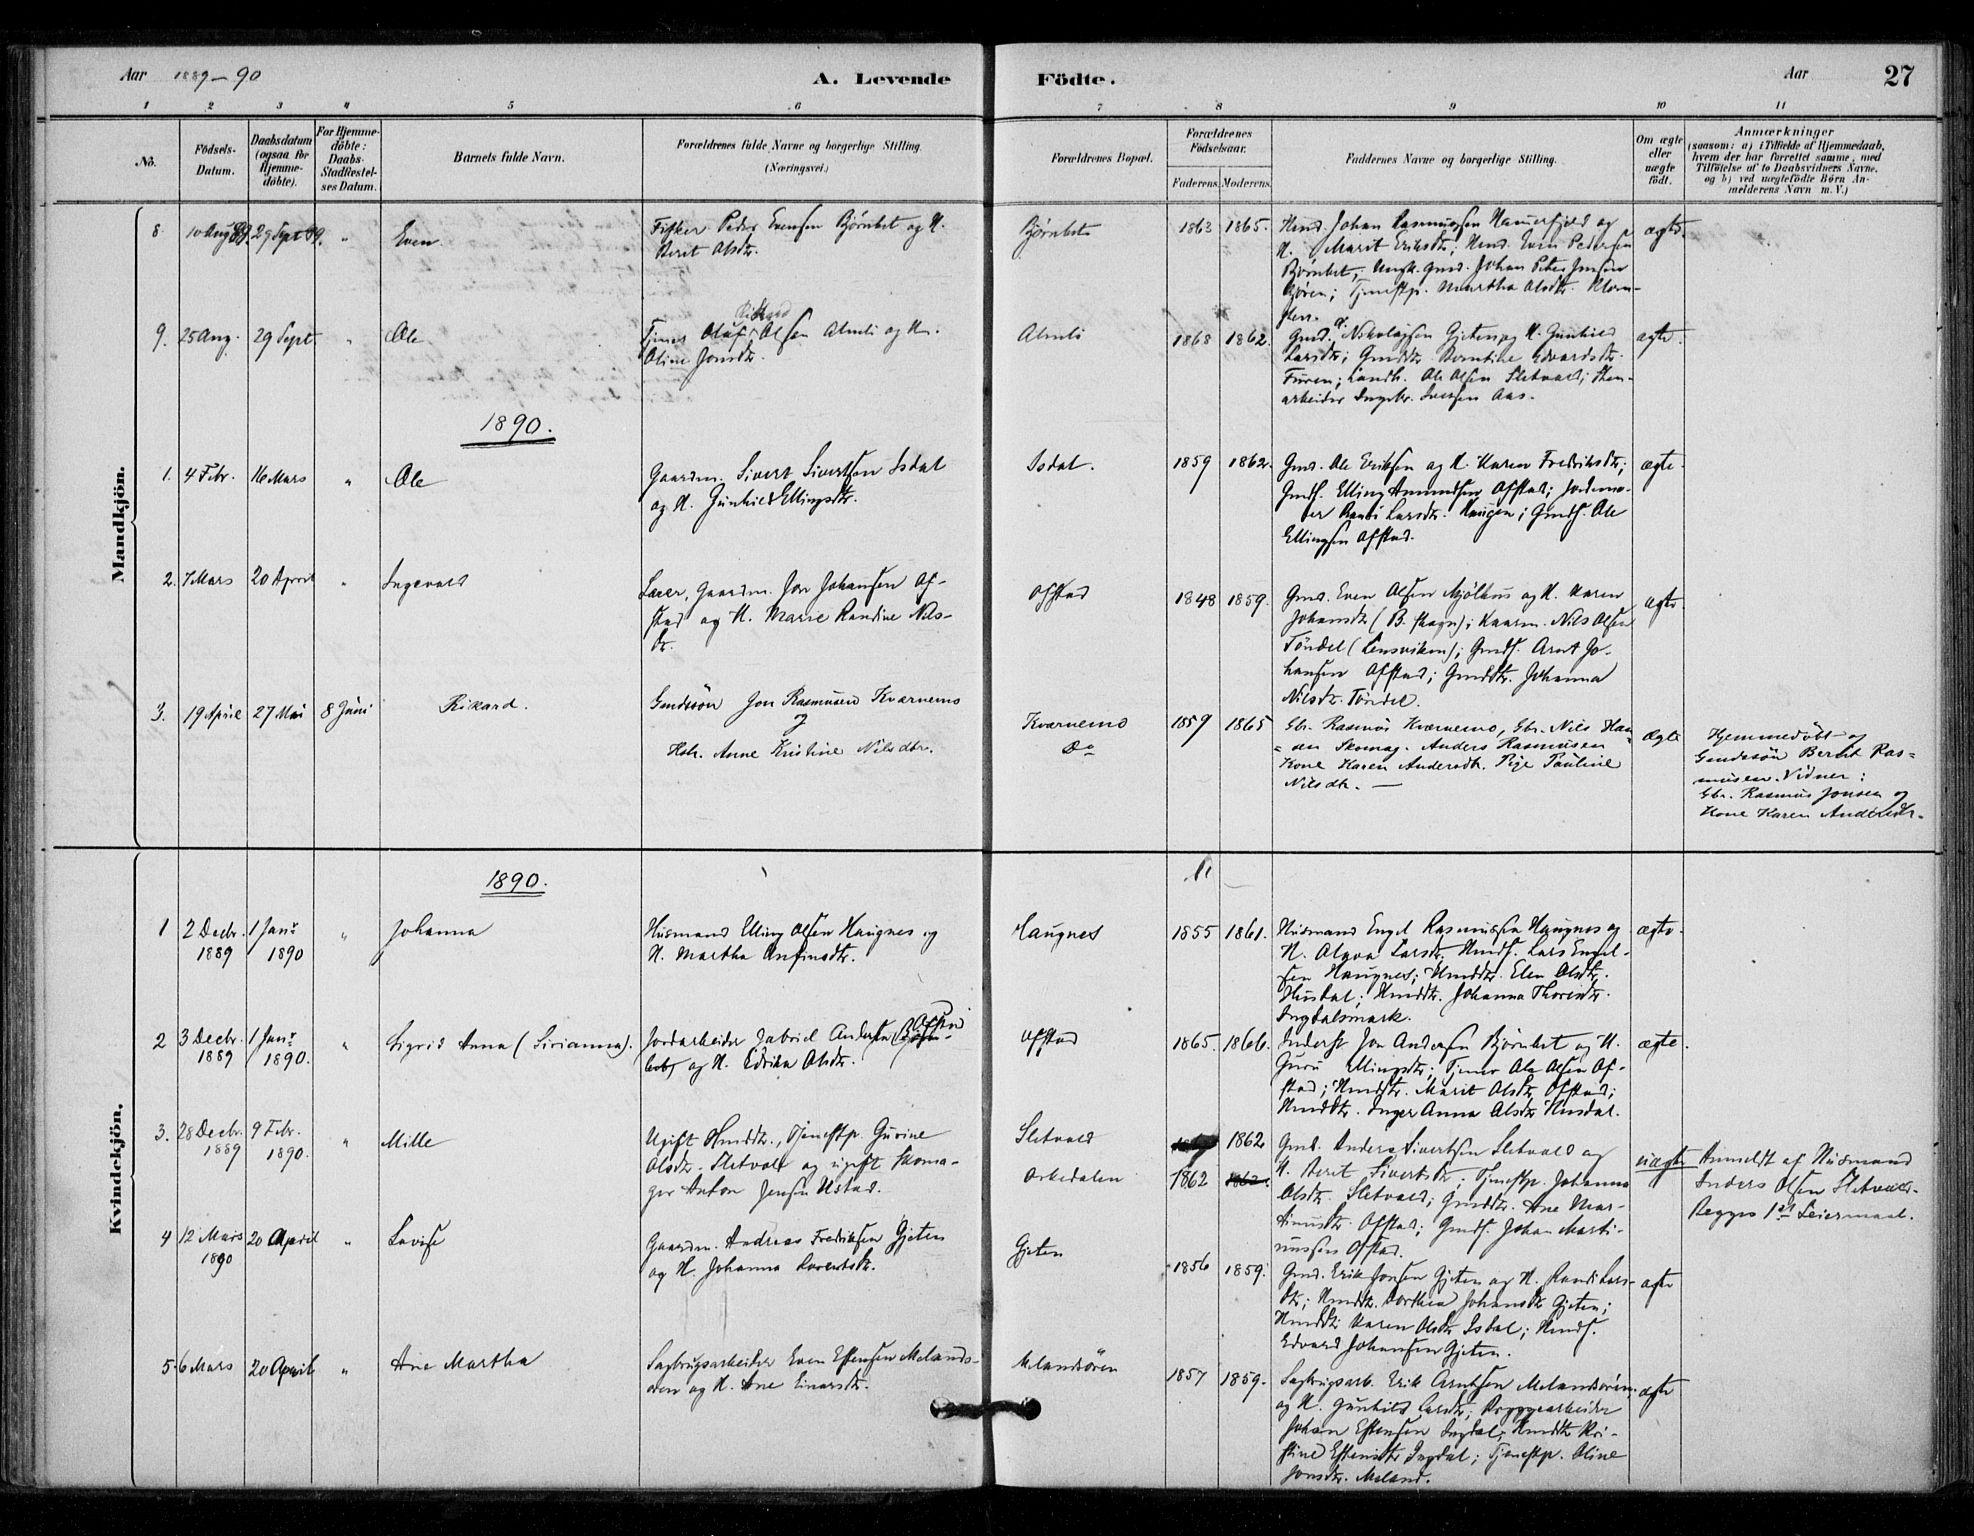 SAT, Ministerialprotokoller, klokkerbøker og fødselsregistre - Sør-Trøndelag, 670/L0836: Ministerialbok nr. 670A01, 1879-1904, s. 27